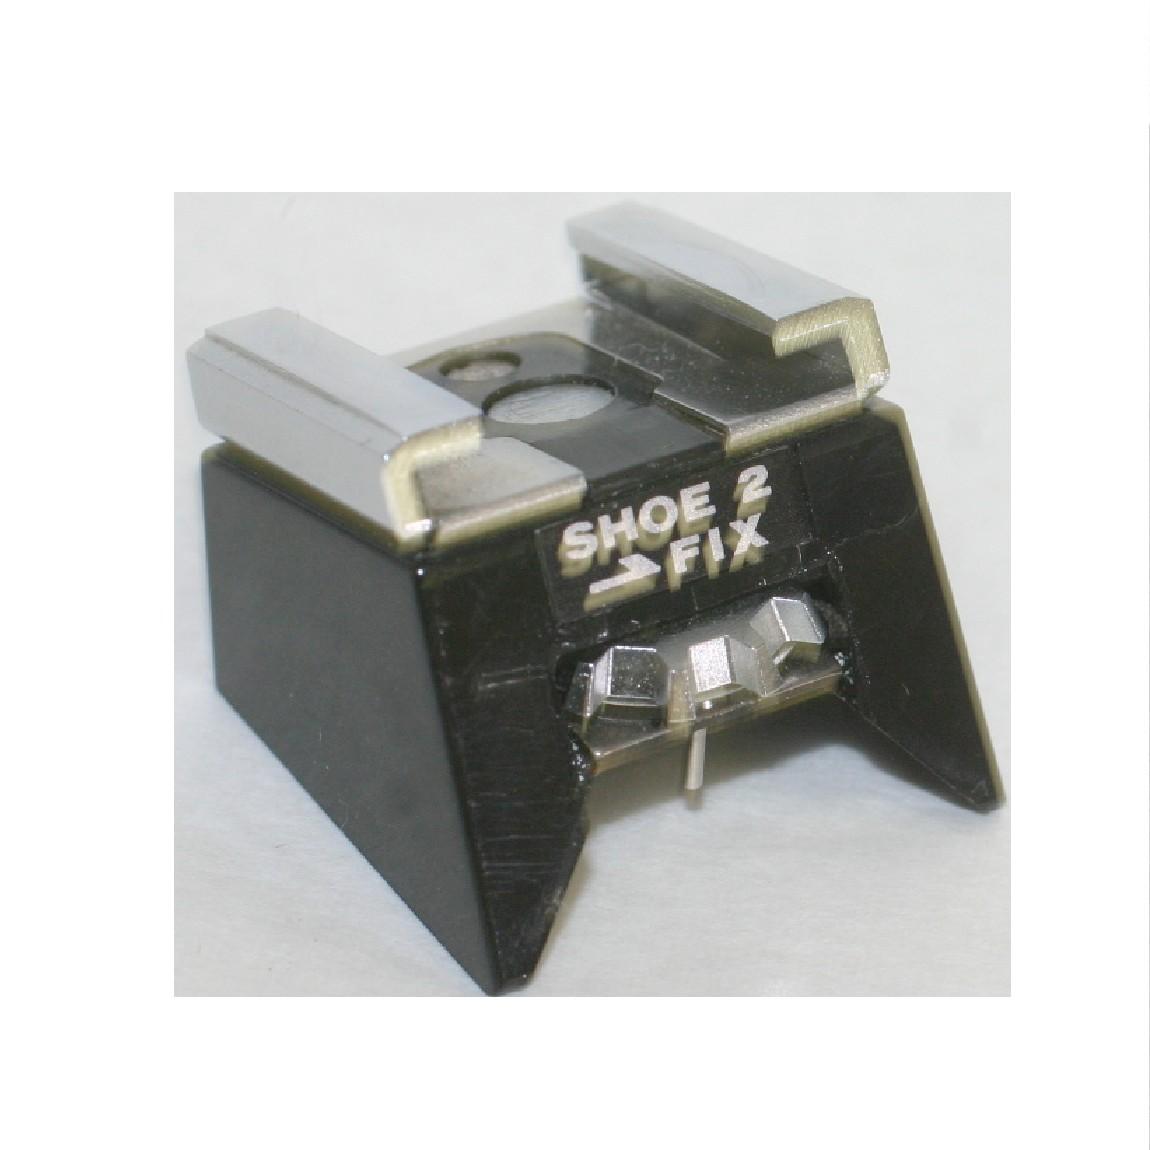 数量は多 中古 [並行輸入品] 綺麗オリンパスの古いカメラに使用可能なアクセサリー集2 310829-6